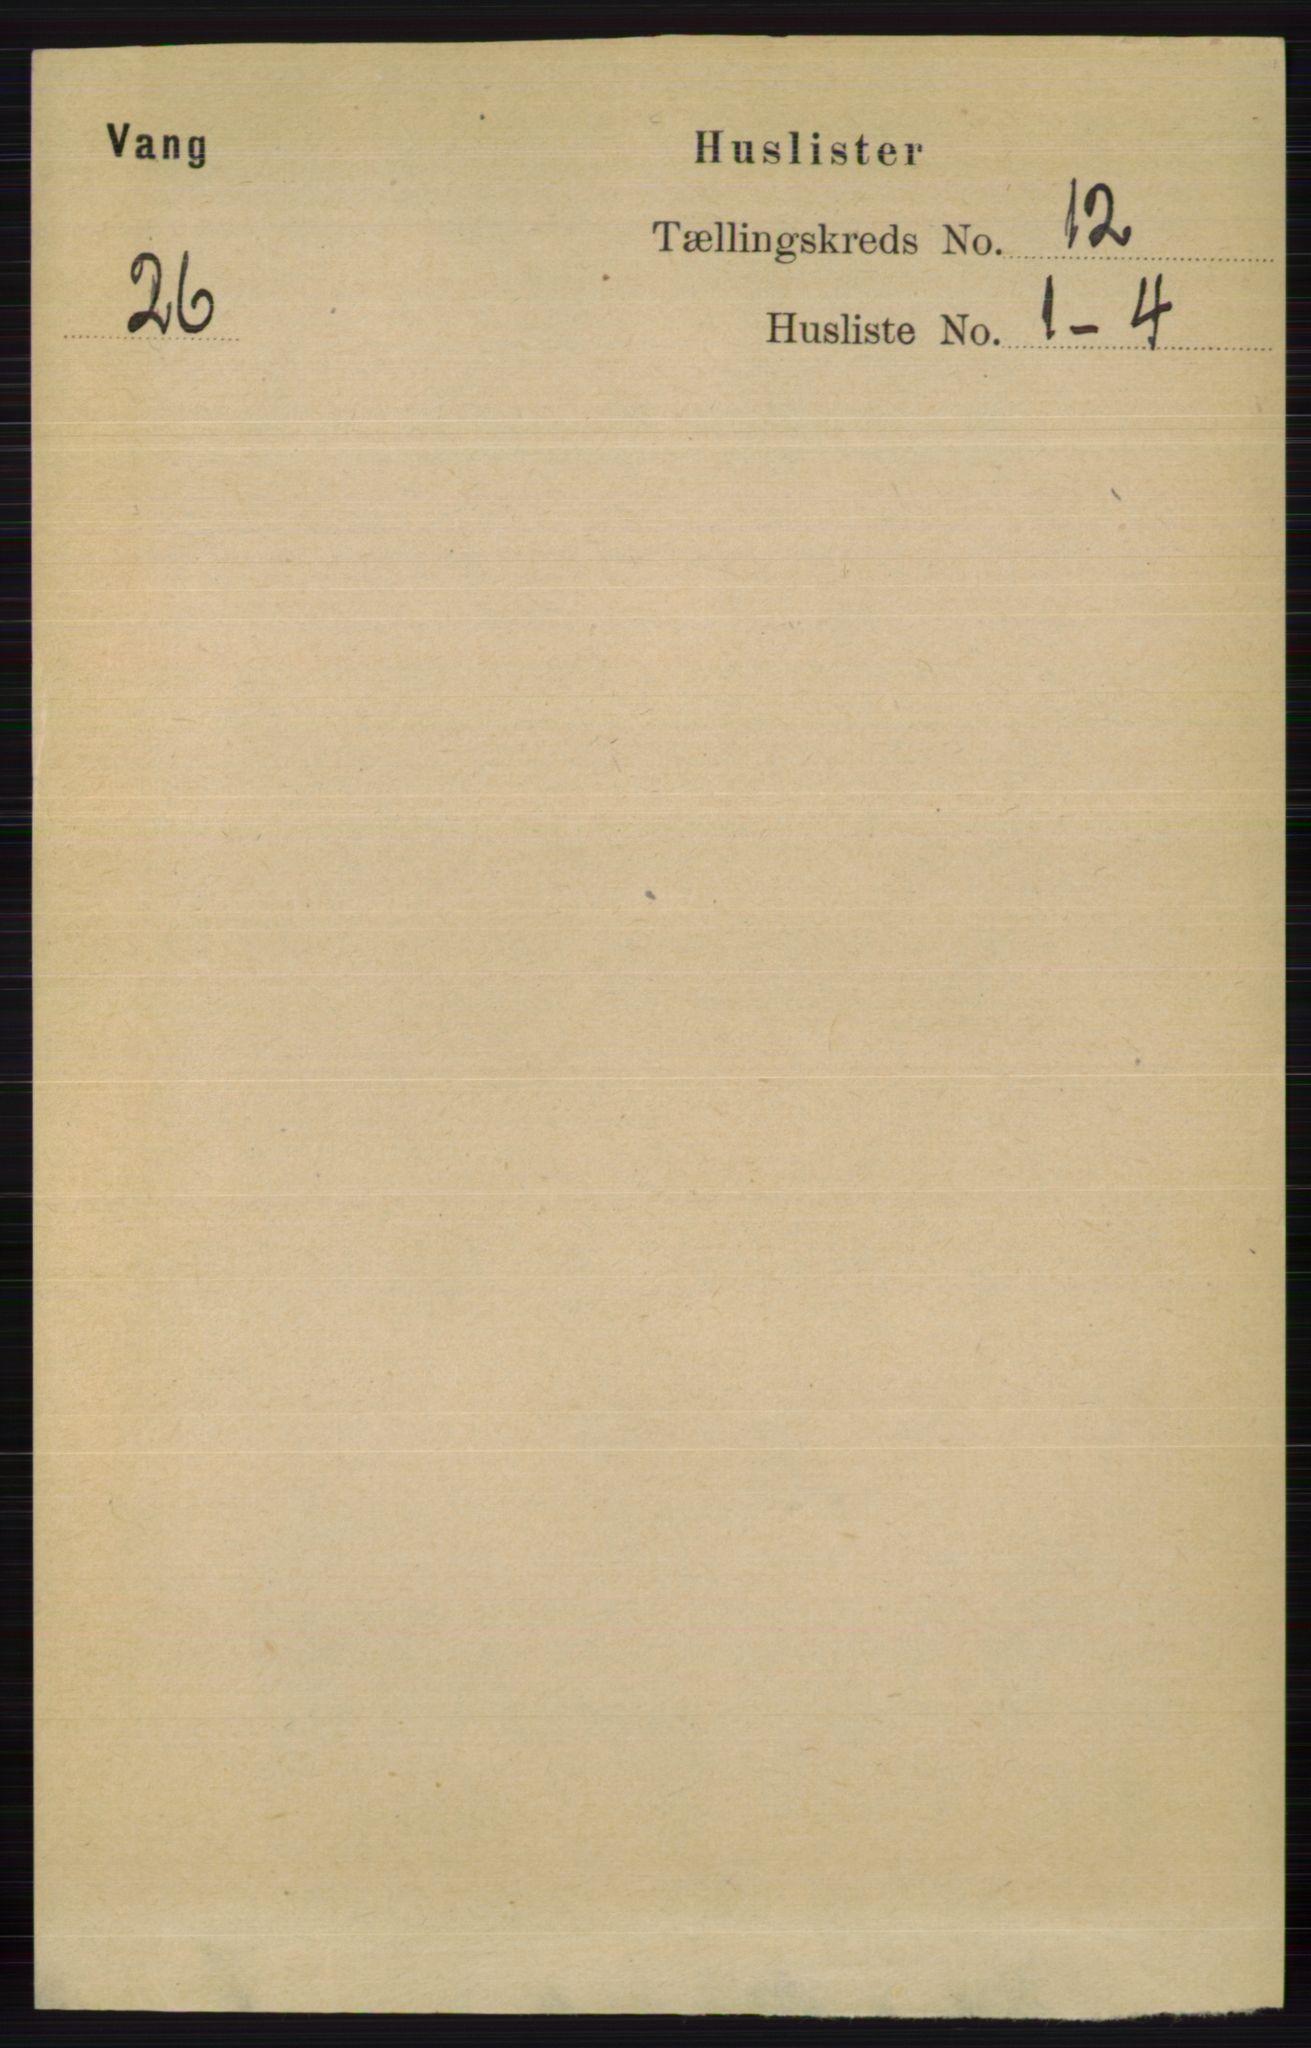 RA, Folketelling 1891 for 0545 Vang herred, 1891, s. 2612